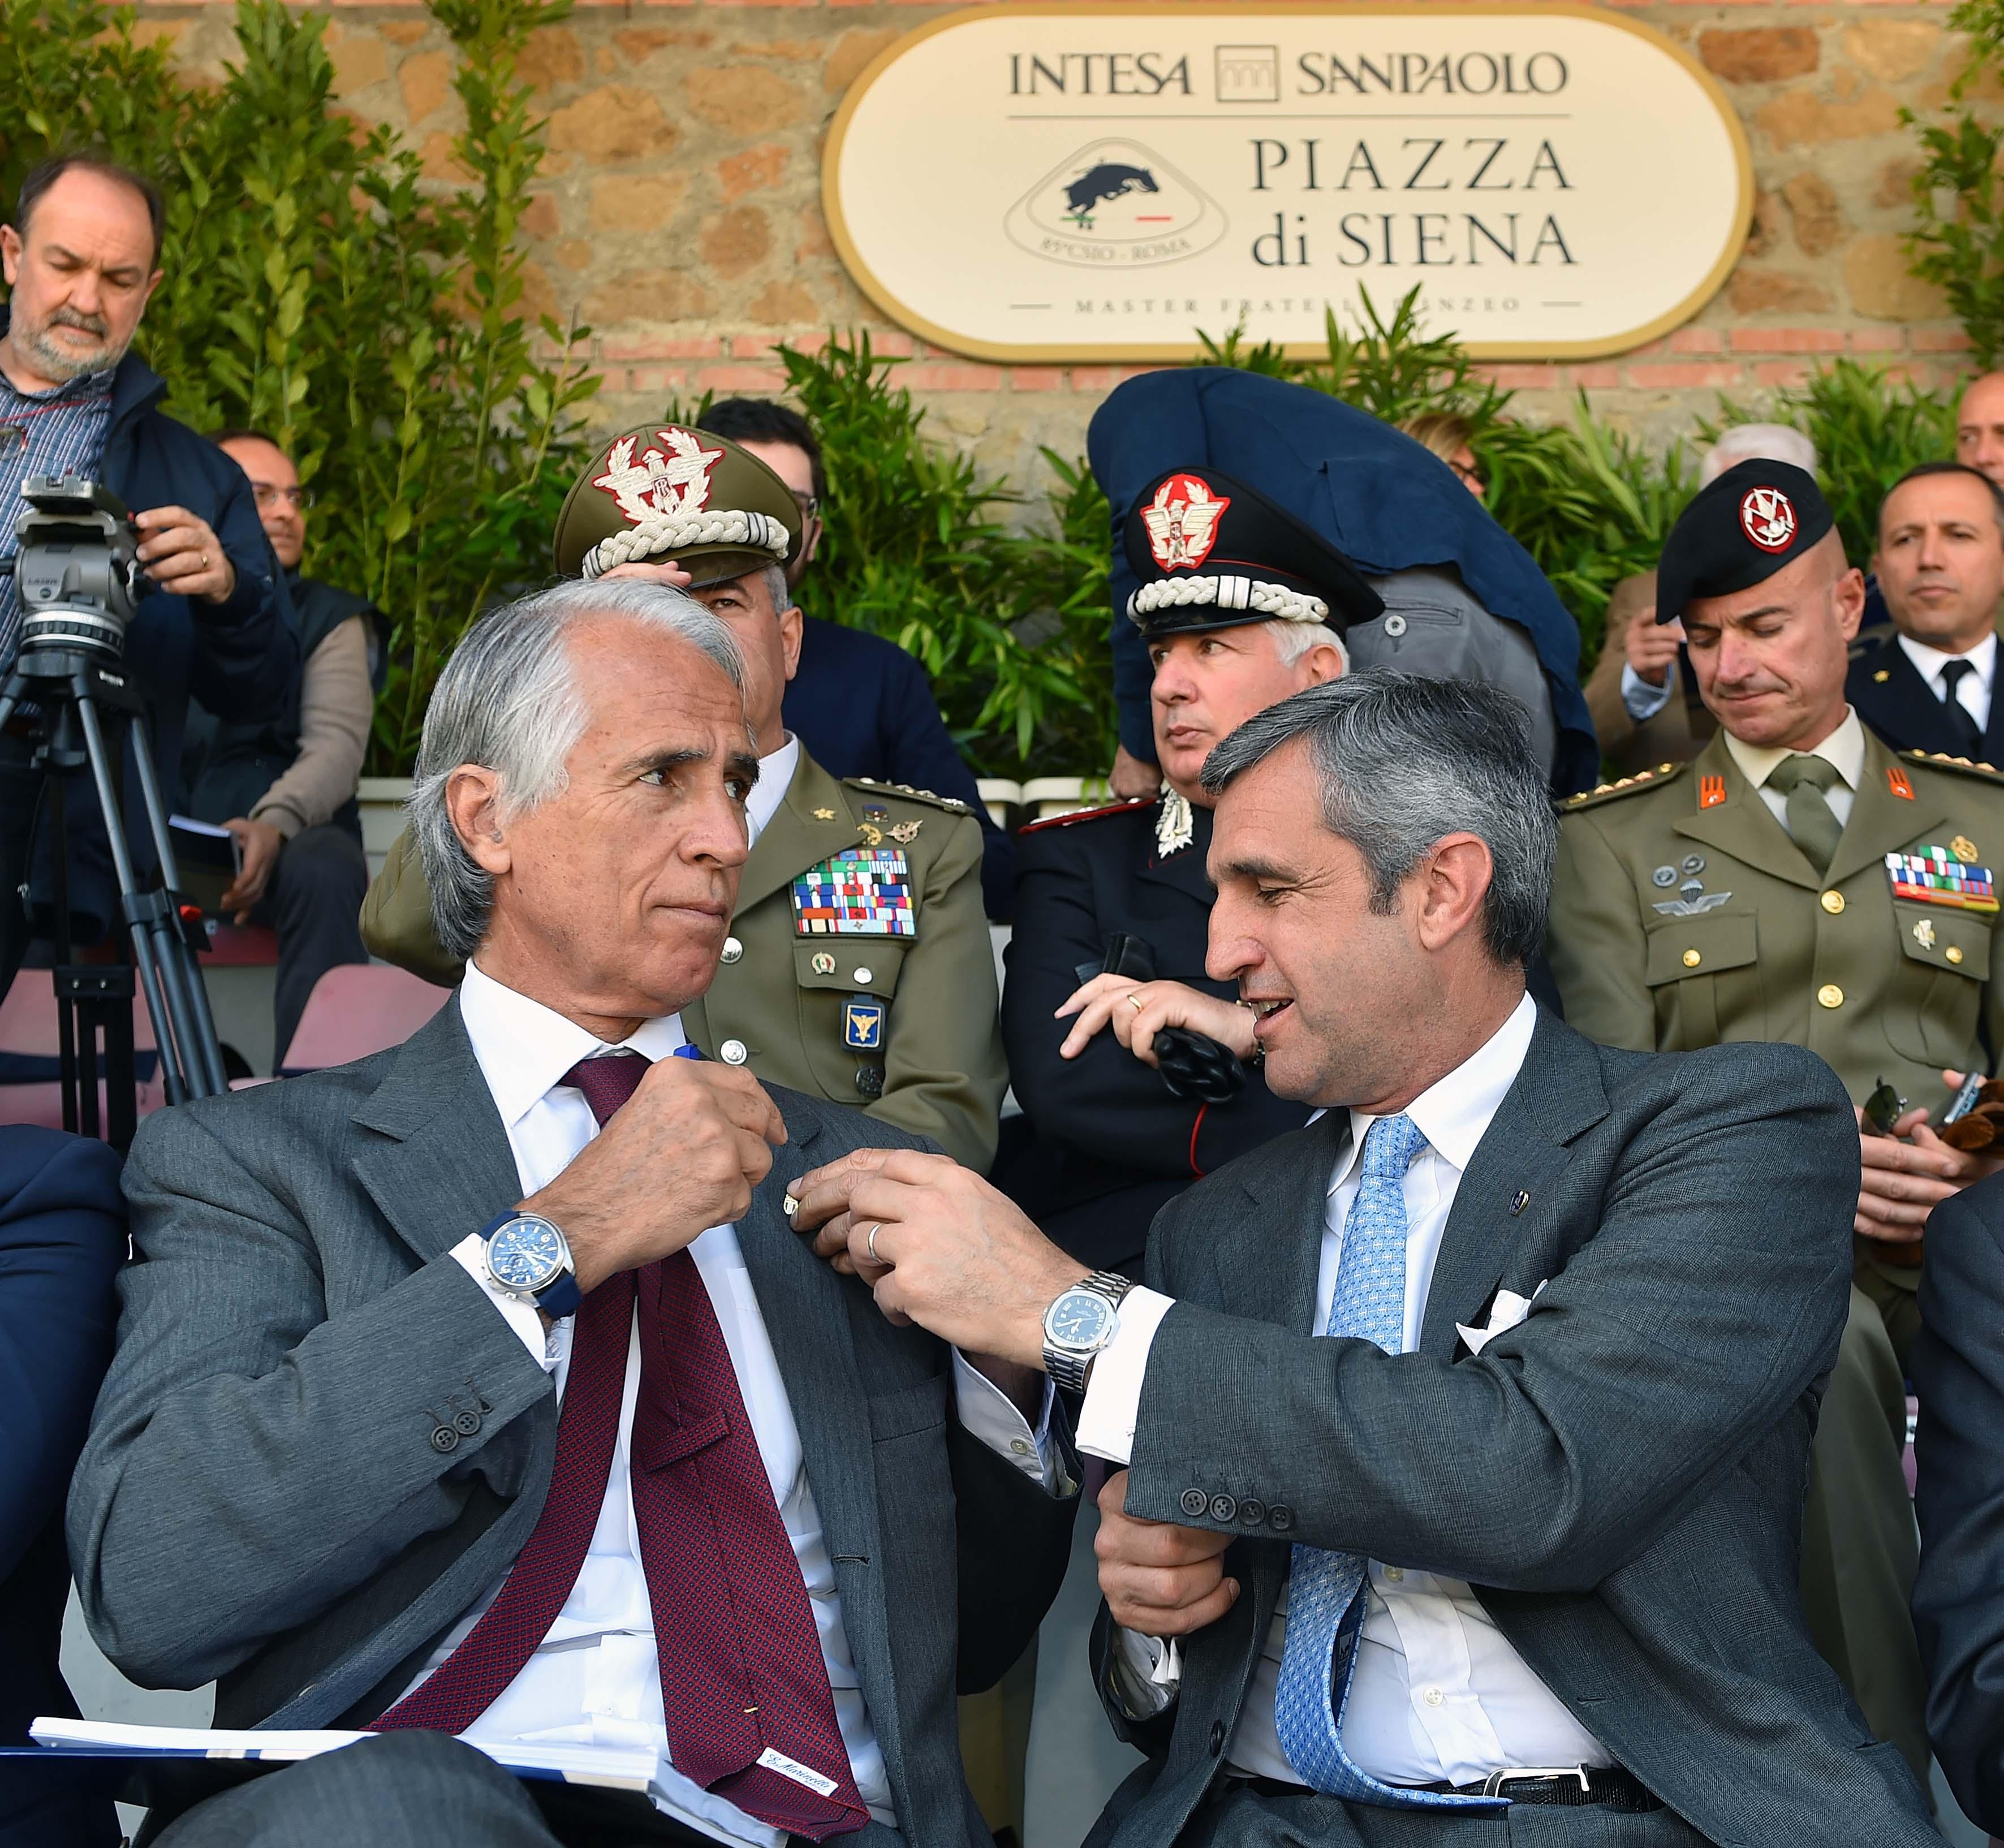 170503010 Piazza Di Siena Conf - Foto Simone Ferraro